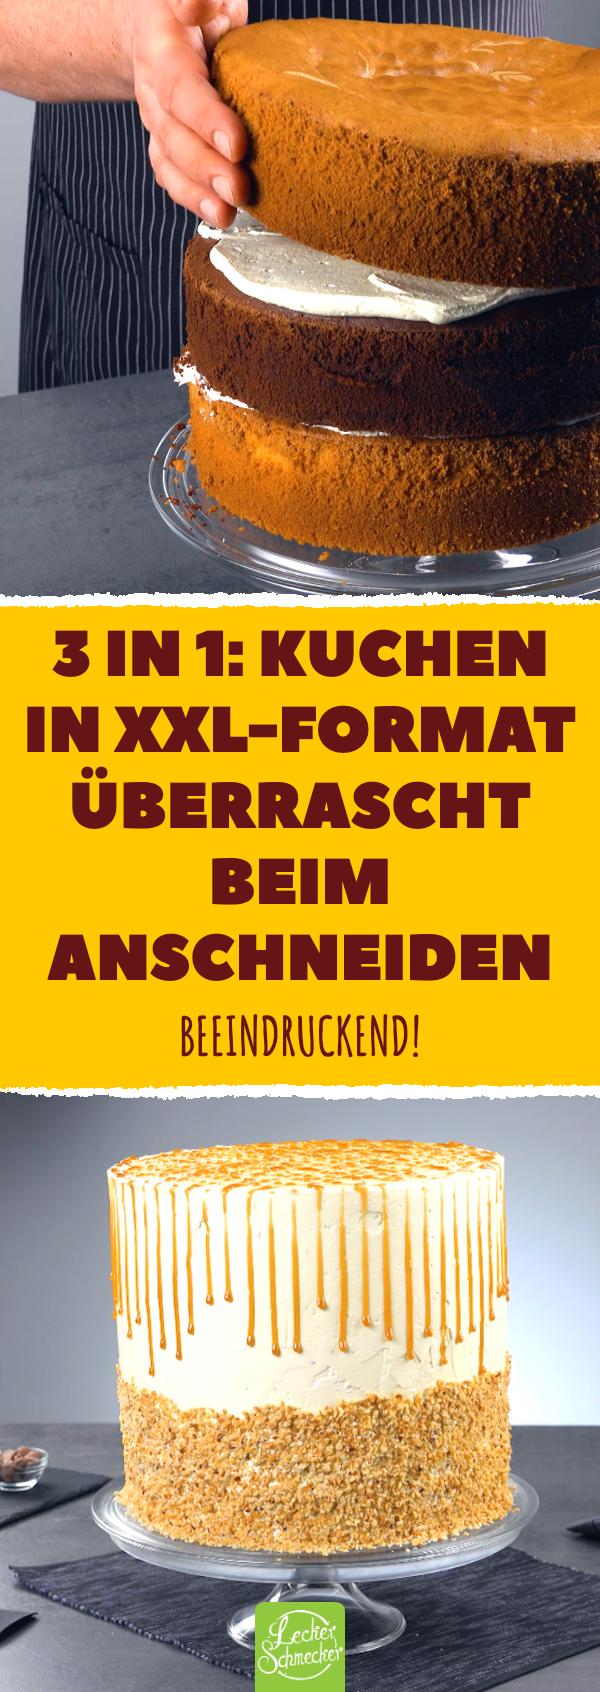 3 in 1 kuchen in xxlformat überrascht beim anschneiden